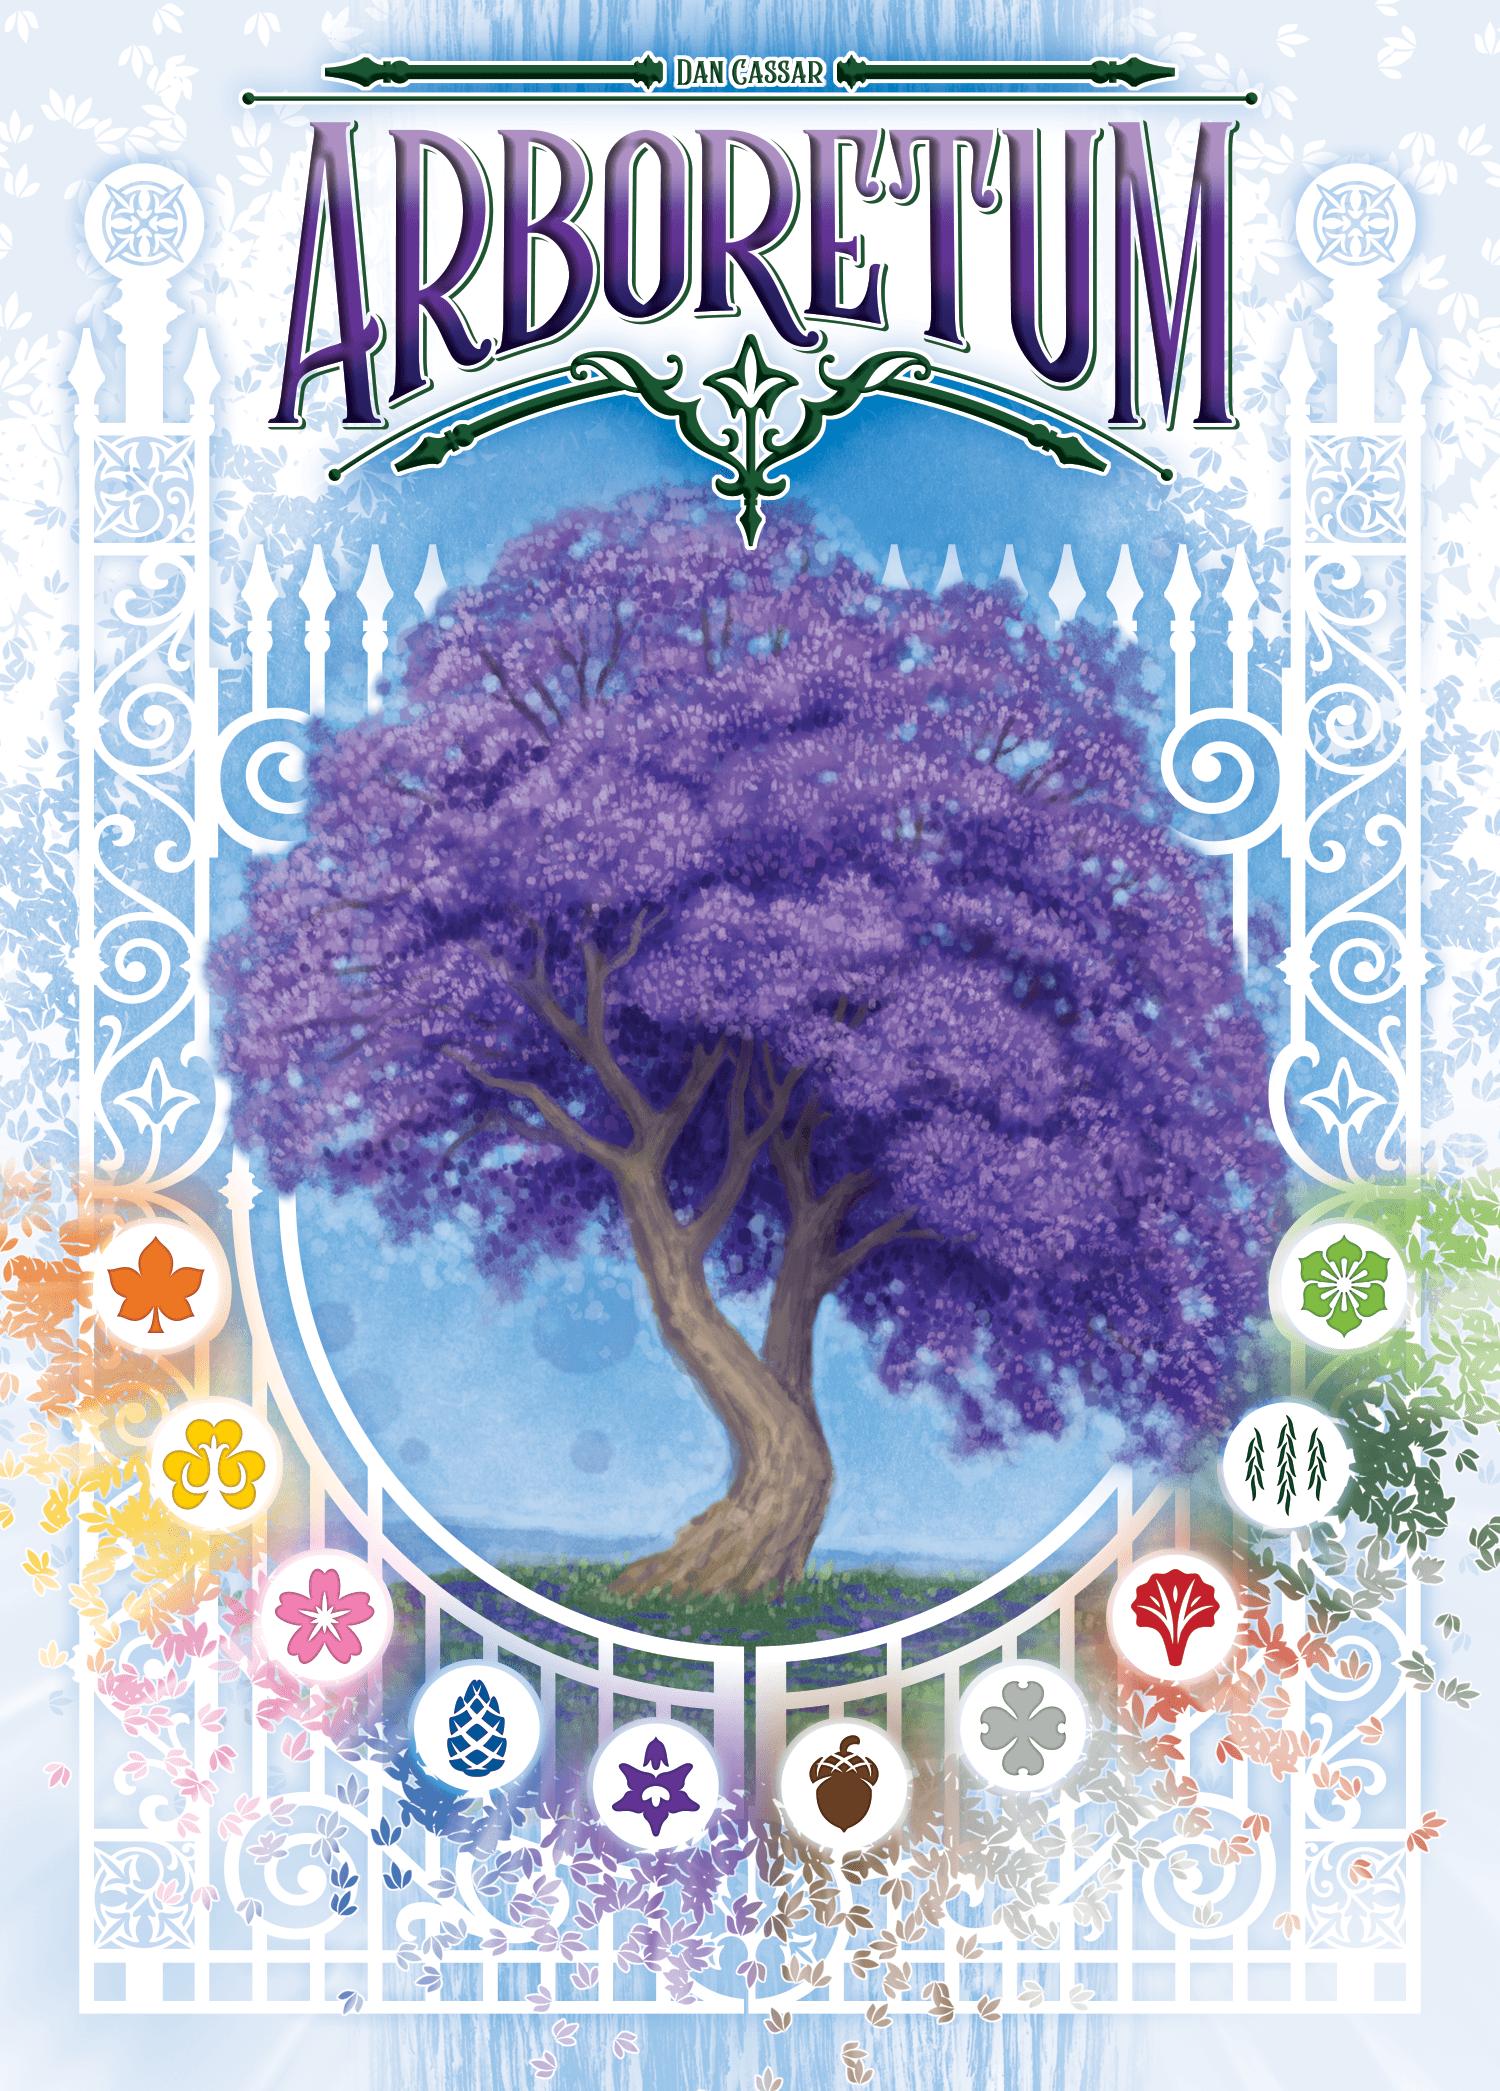 Main image for Arboretum